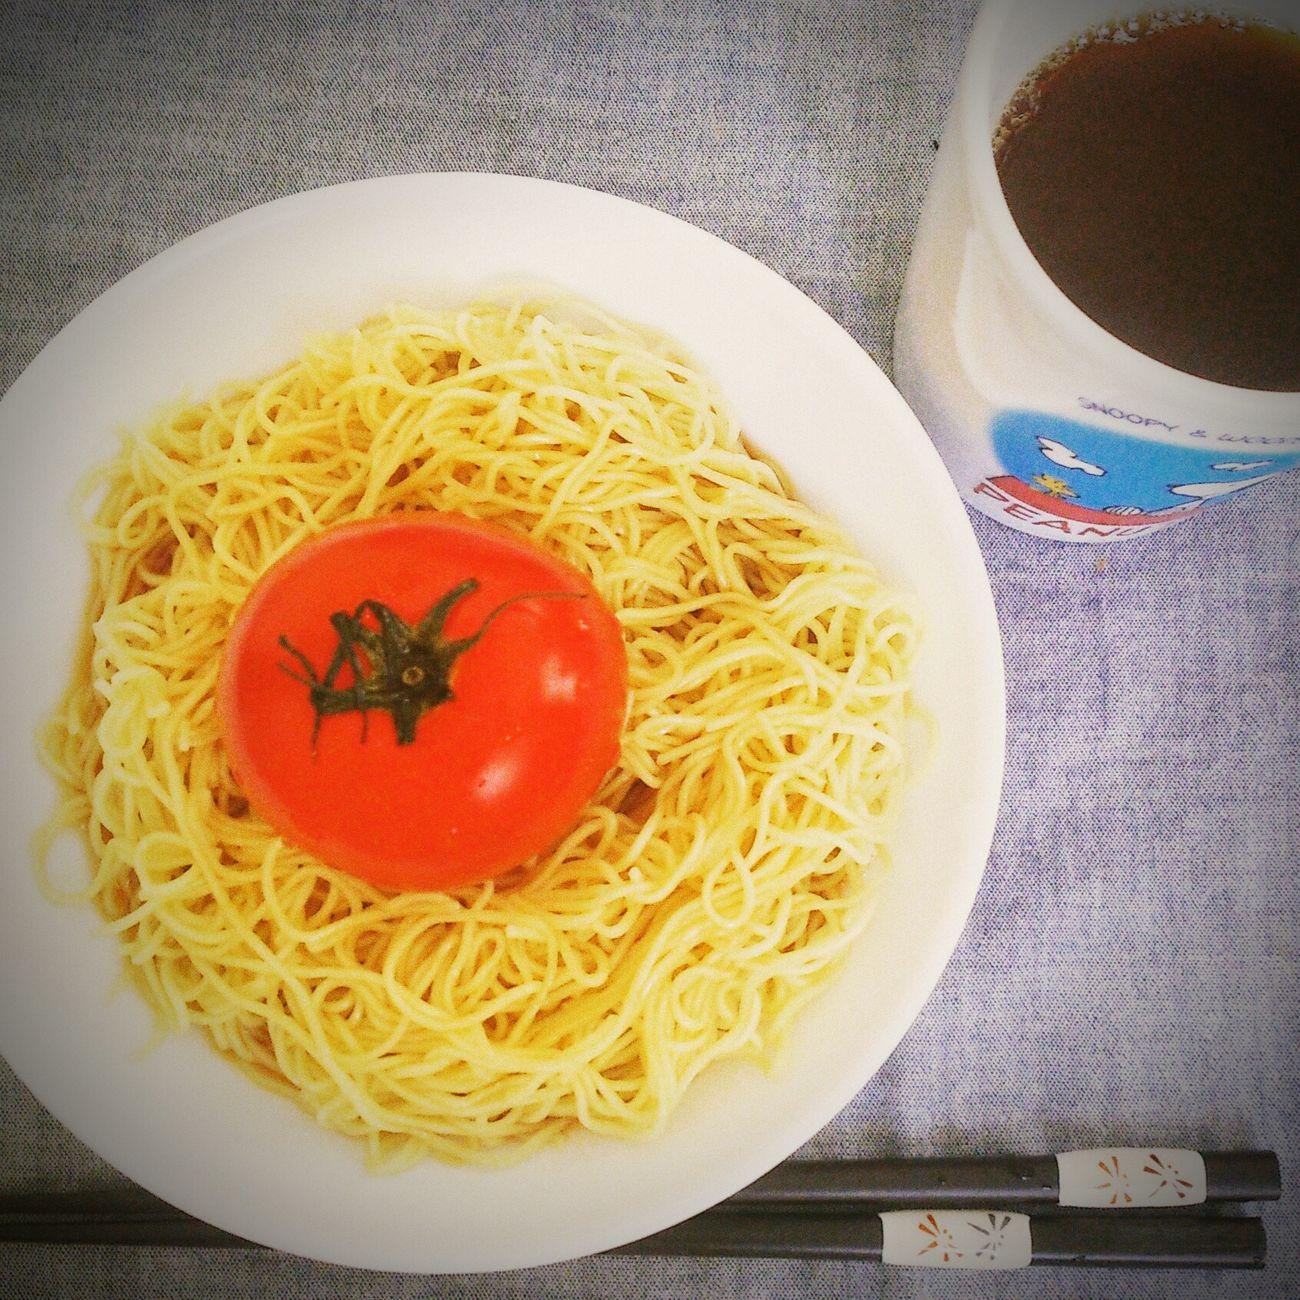 大胆すぎる冷やし中華 冷やし中華 Lunch Enjoying Life おいしい Tomato トマト ズボラ飯 結局 丸かじり